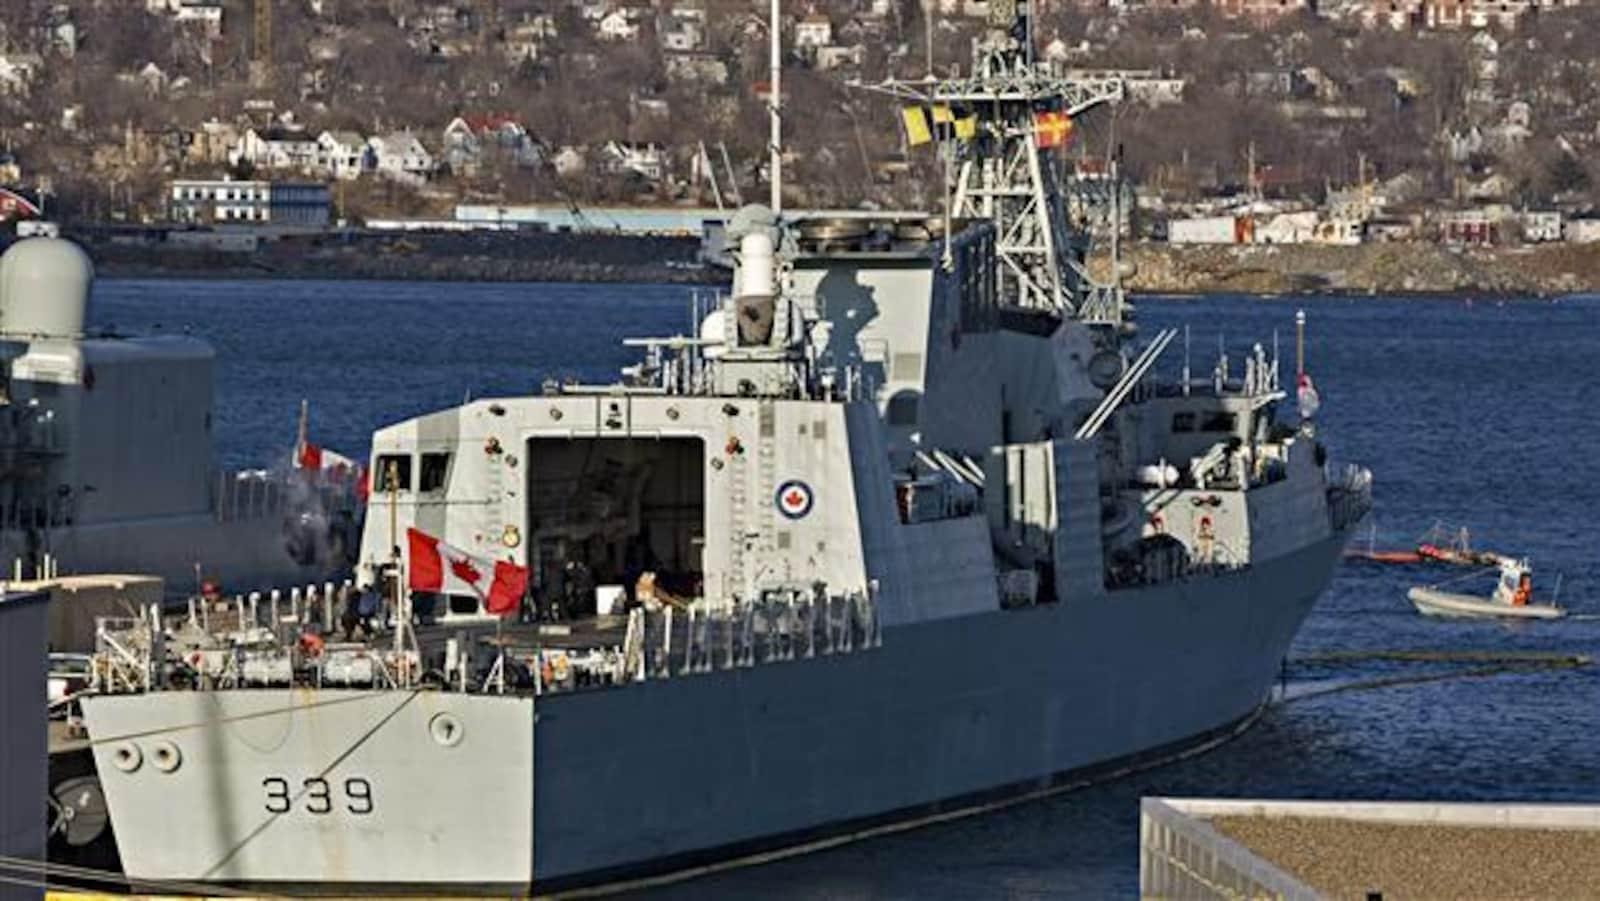 La frégate NCSM Charlottetown ancrée dans le port de la base navale d'Halifax.